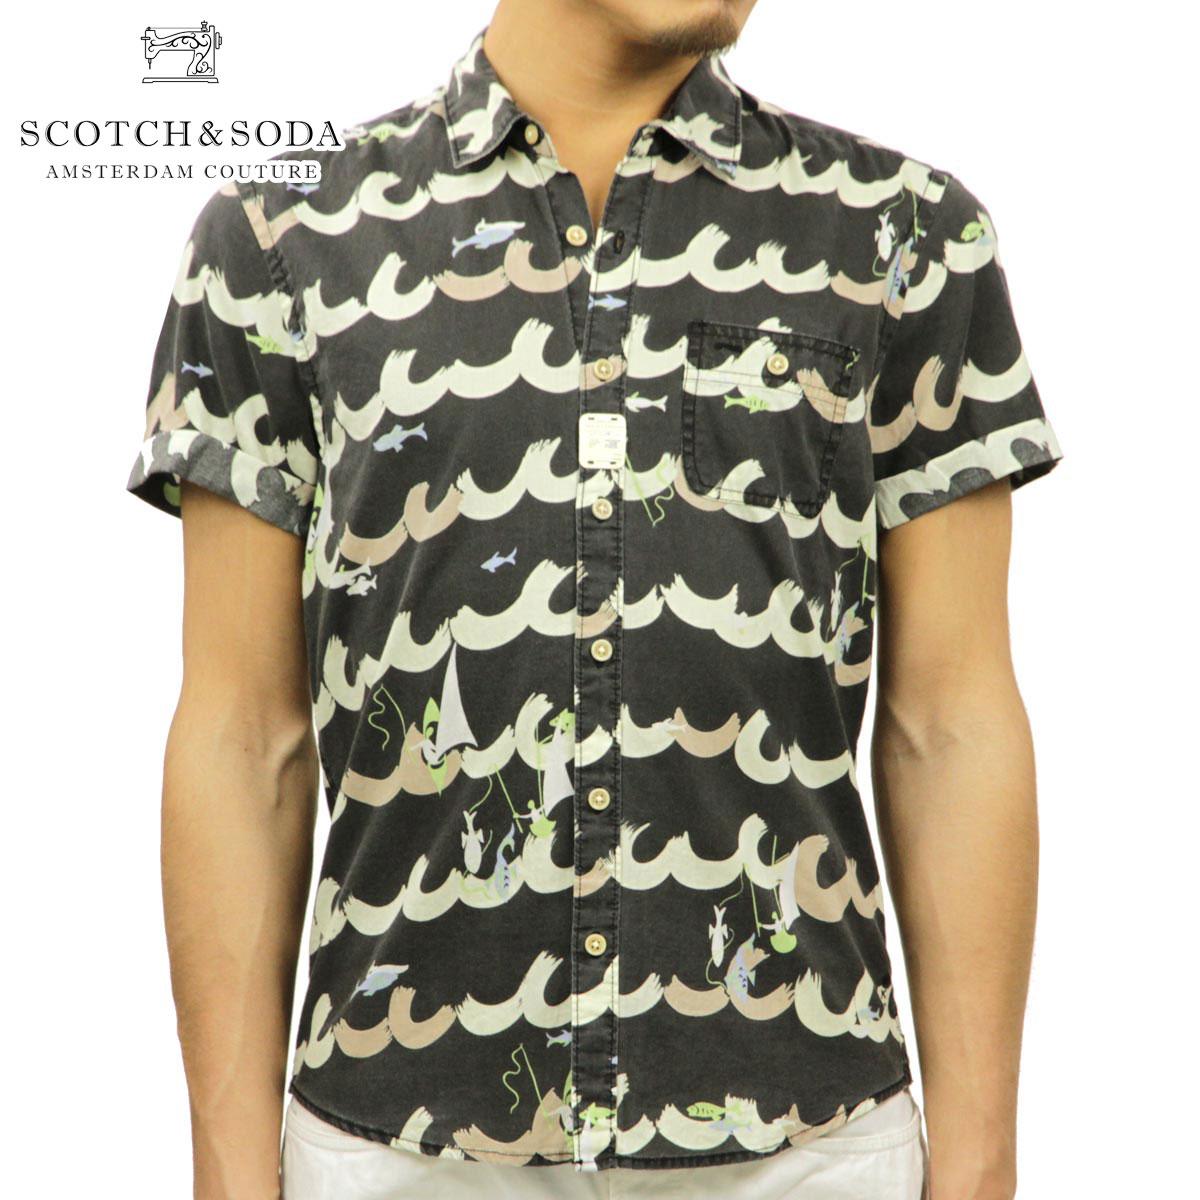 【販売期間 4/2 10:00~4/8 09:59】 スコッチアンドソーダ SCOTCH&SODA 正規販売店 メンズ 半袖シャツ Allover print short sleeve Miami shirt 21304 B D15S25